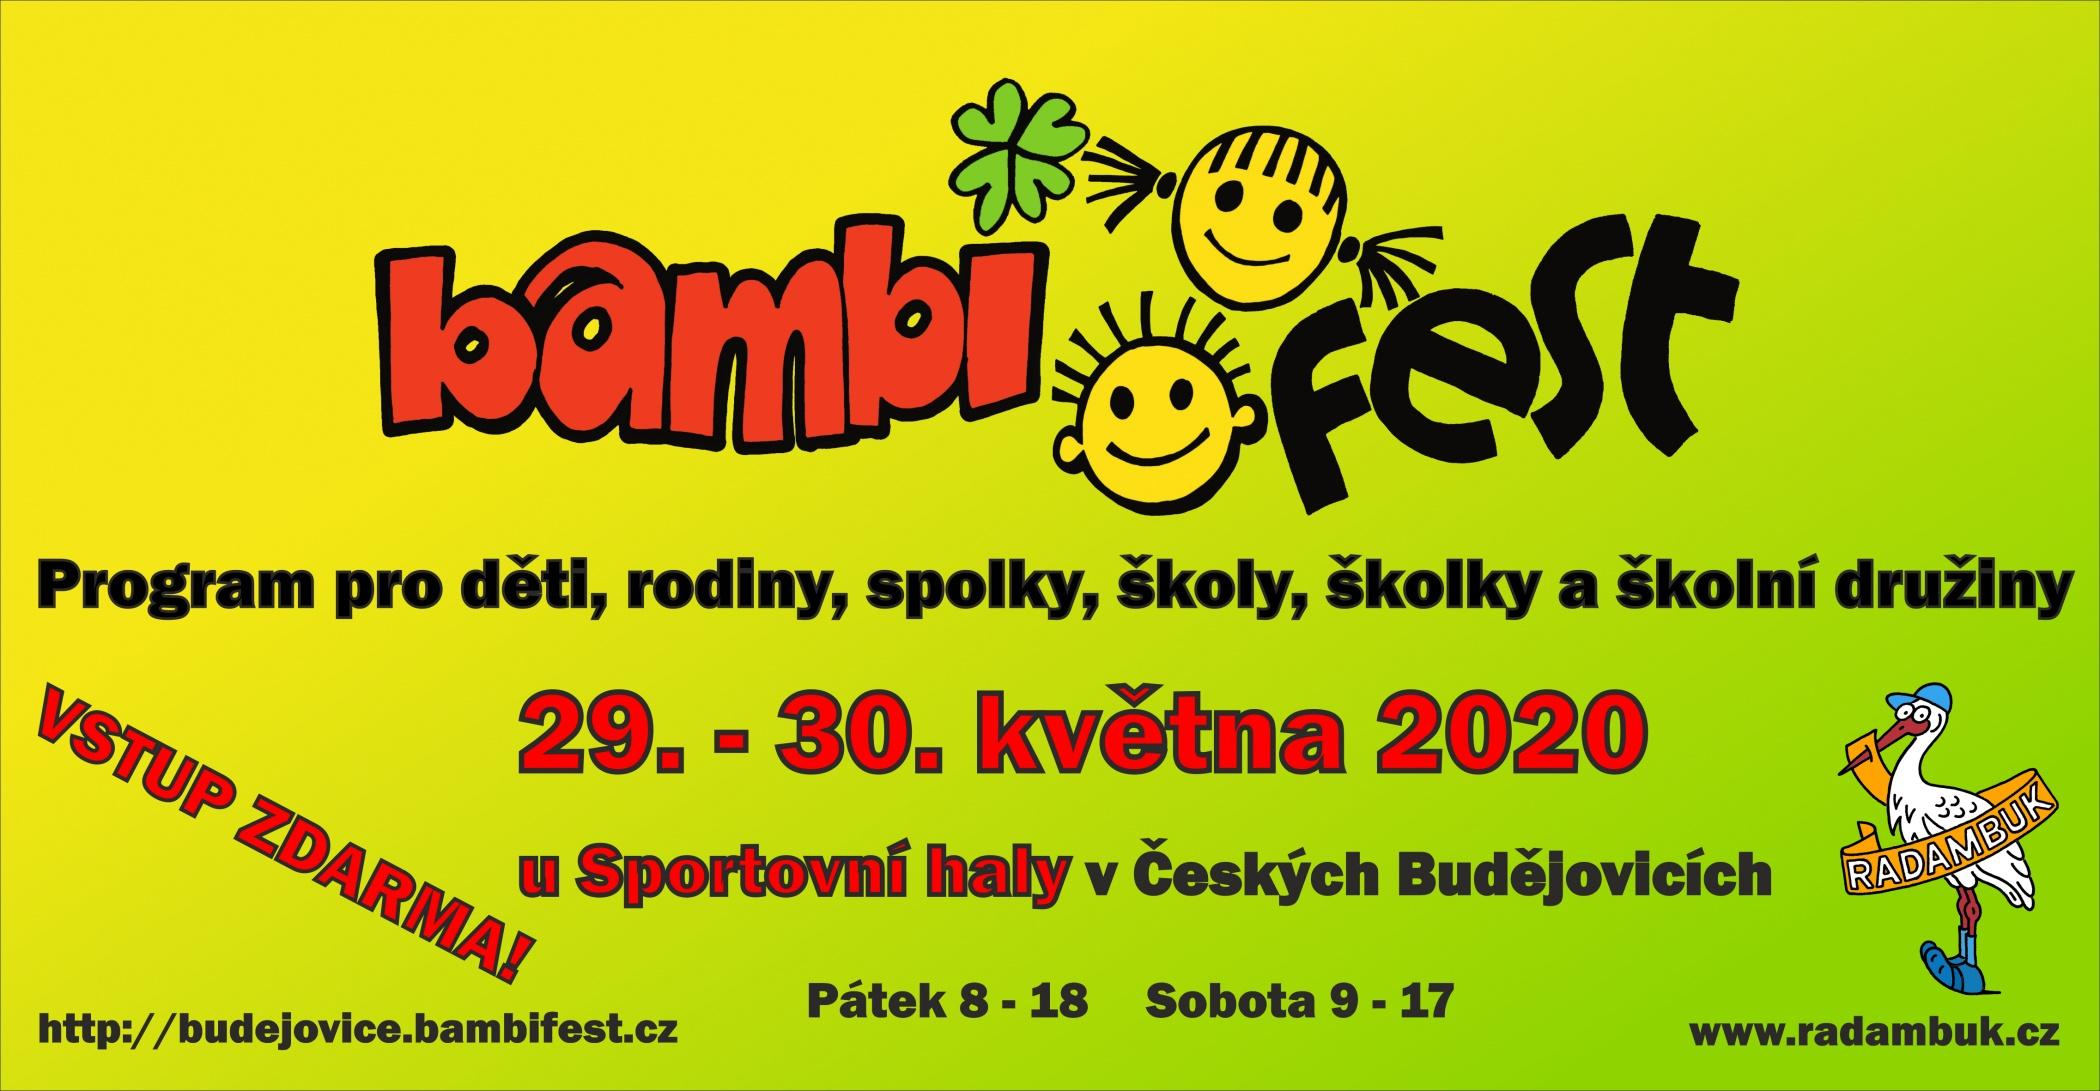 BAMBIFEST 2020